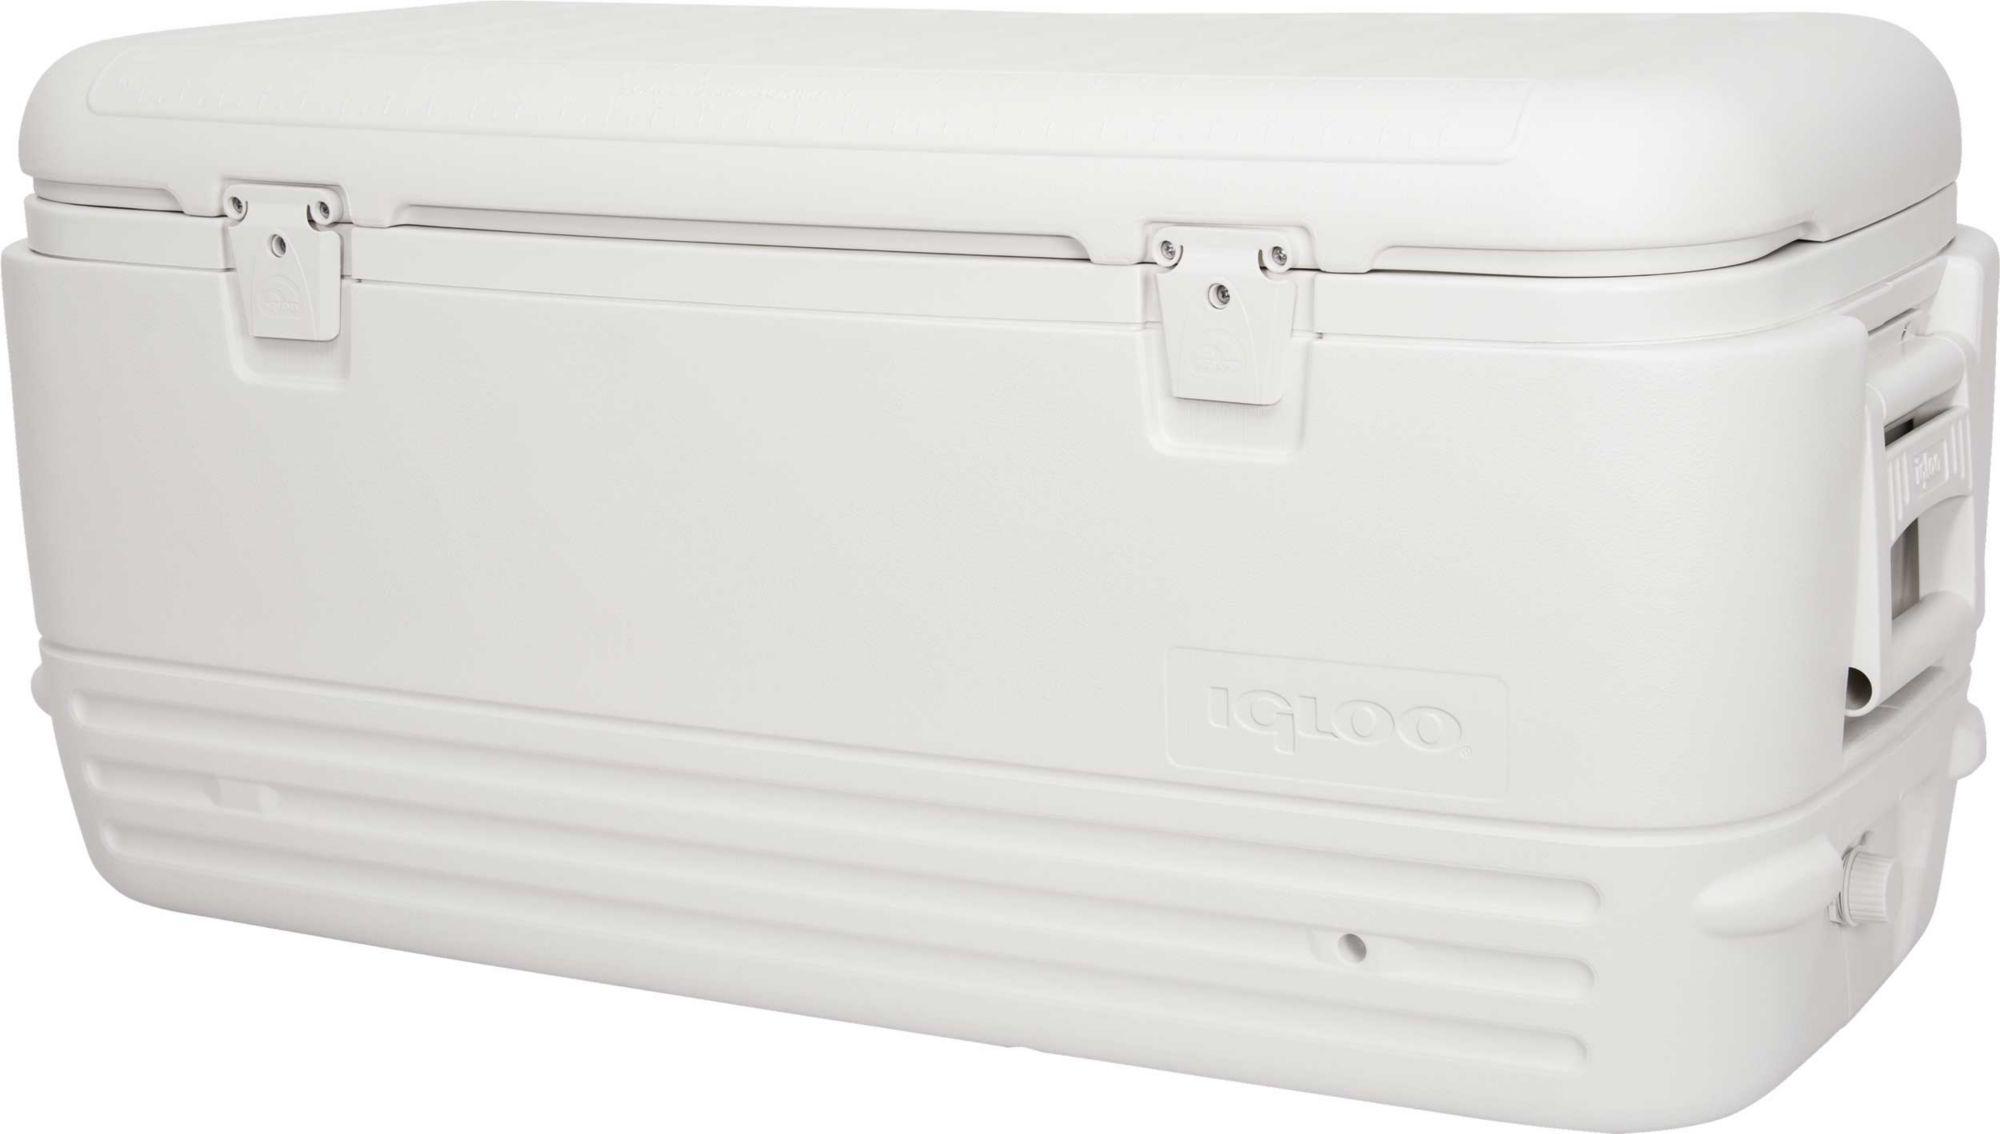 Igloo Maxcold Cooler 150 Qt further Cooler 150 Qt moreover Igloo Maxcold Cooler 150 Qt as well 202315032 together with 150 Qt Cooler Dimensions. on rubbermaid 150 qt cooler